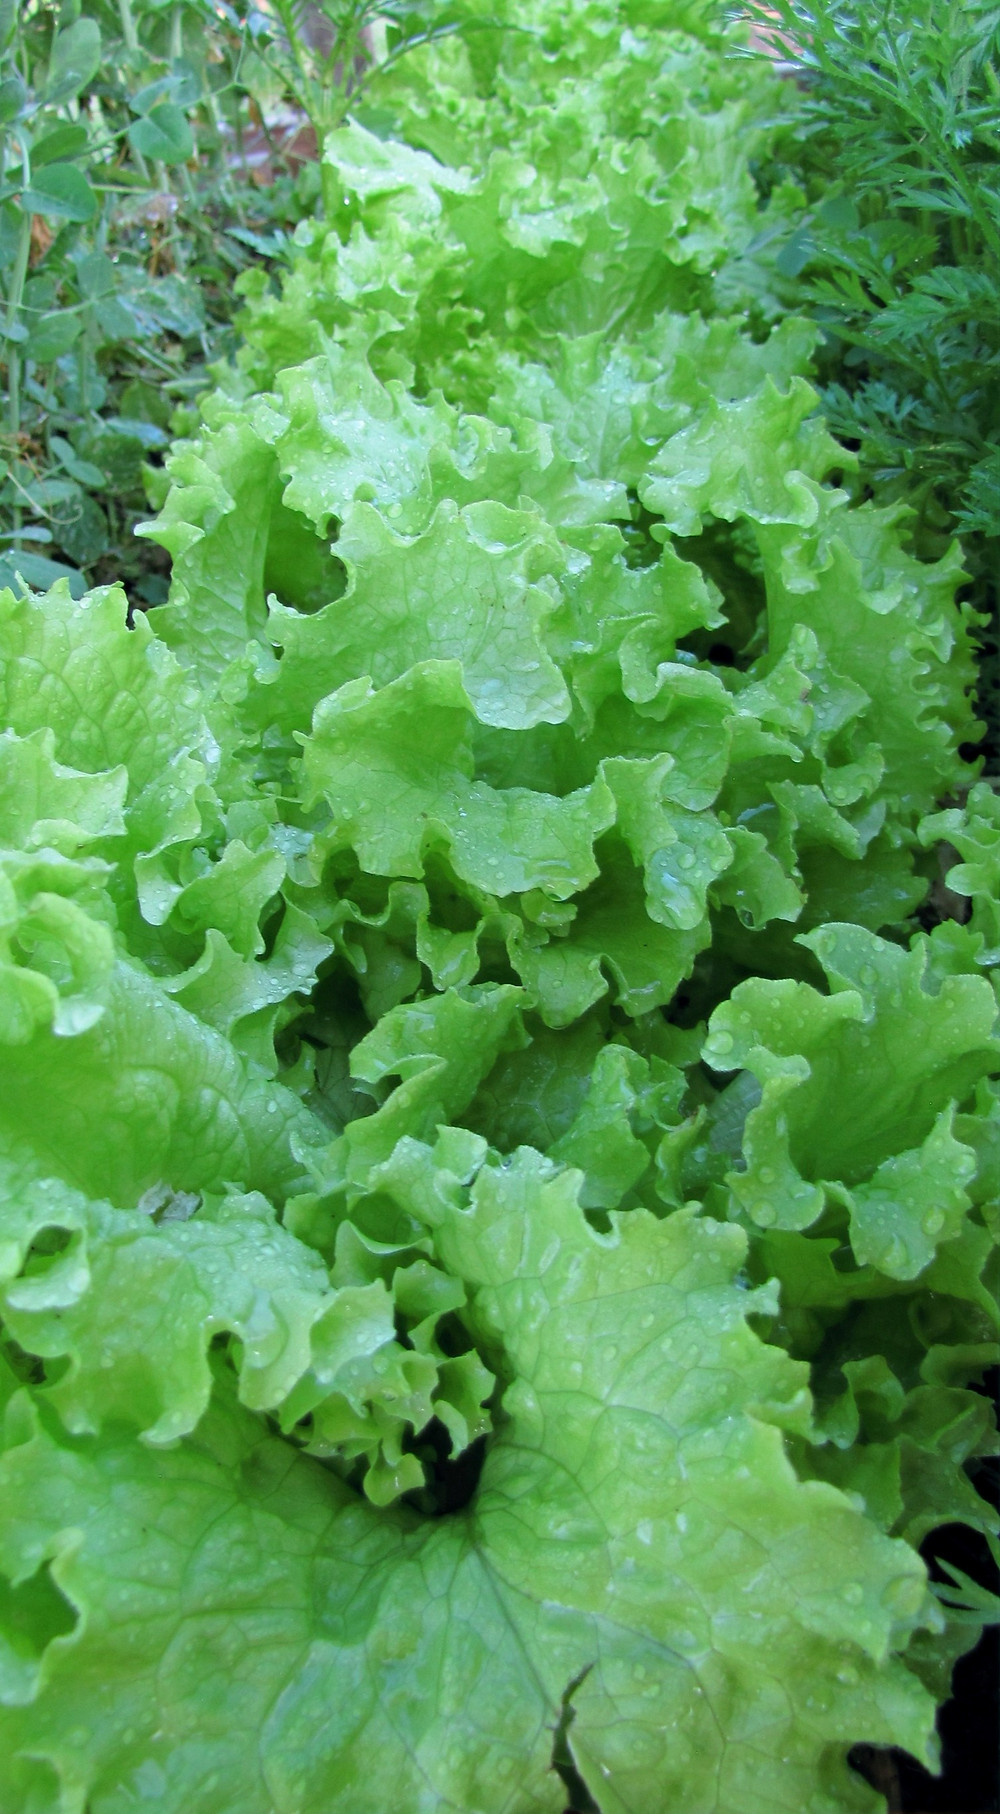 Buttercrunch garden lettuce being grown in a raised bed backyard garden in growing zone 3 of Alberta, Canada.